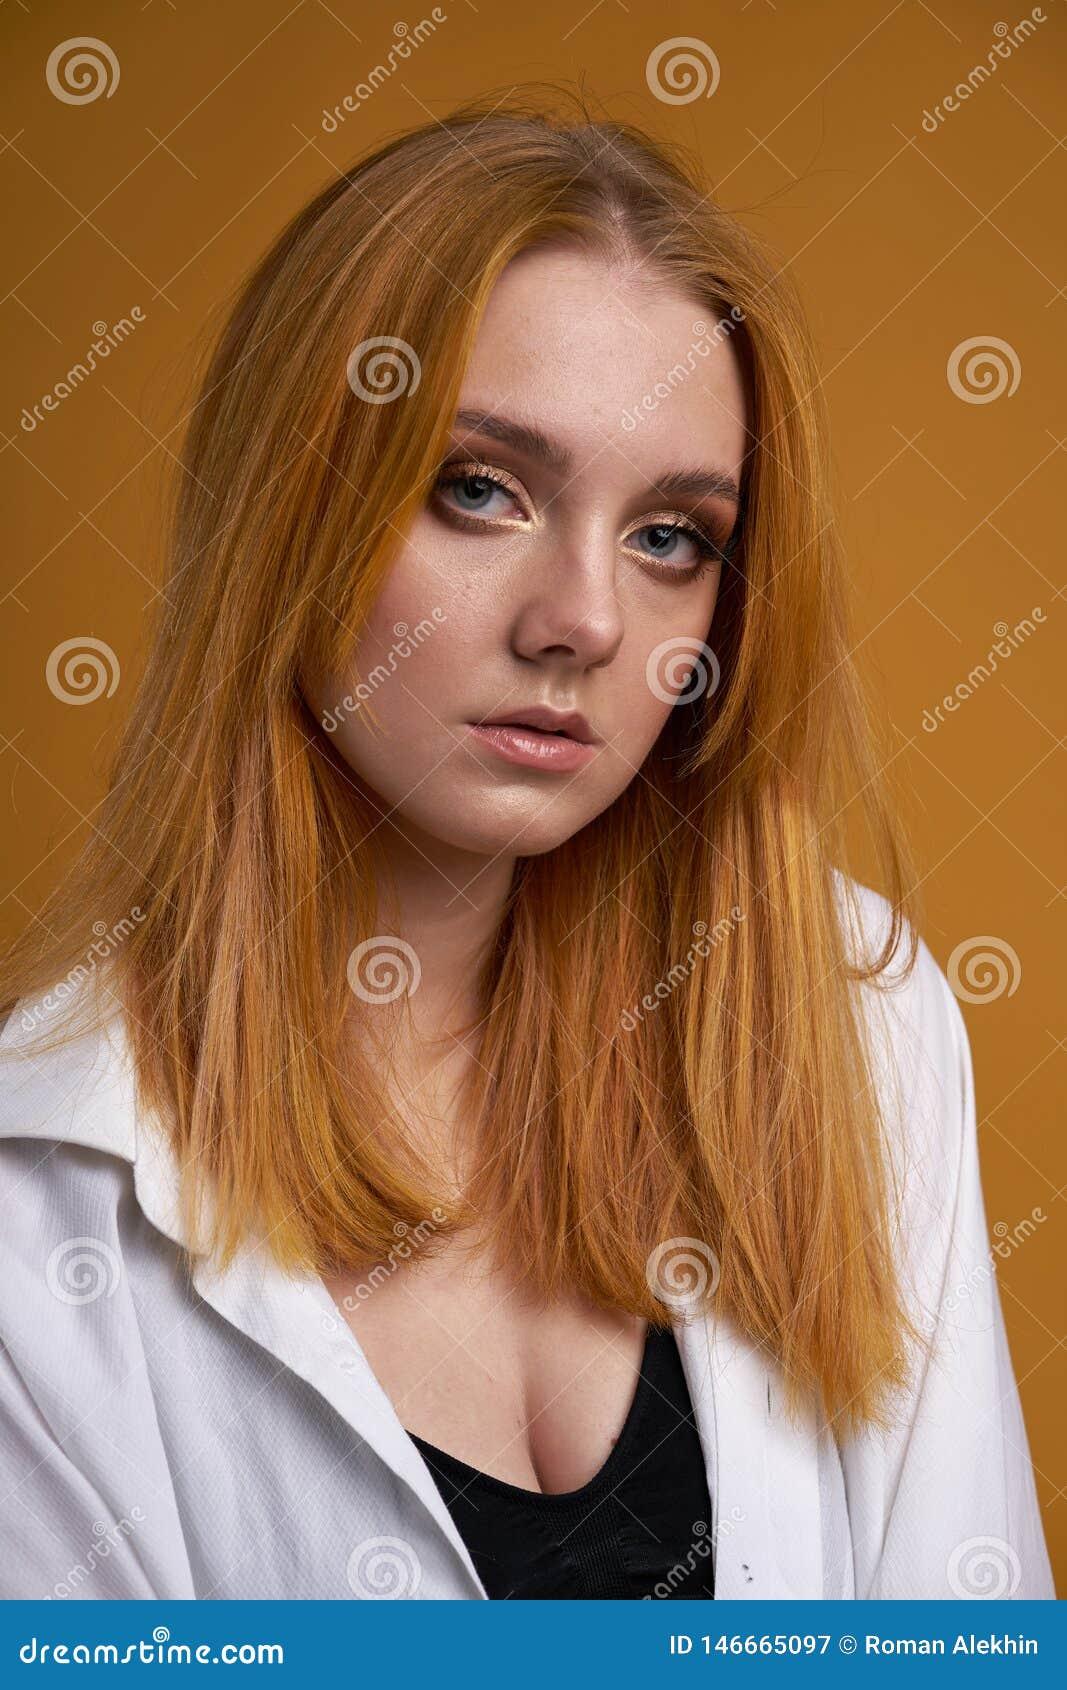 Ragazza alla moda con capelli ricci, sorridendo sveglio, posanti, sul fondo giallo